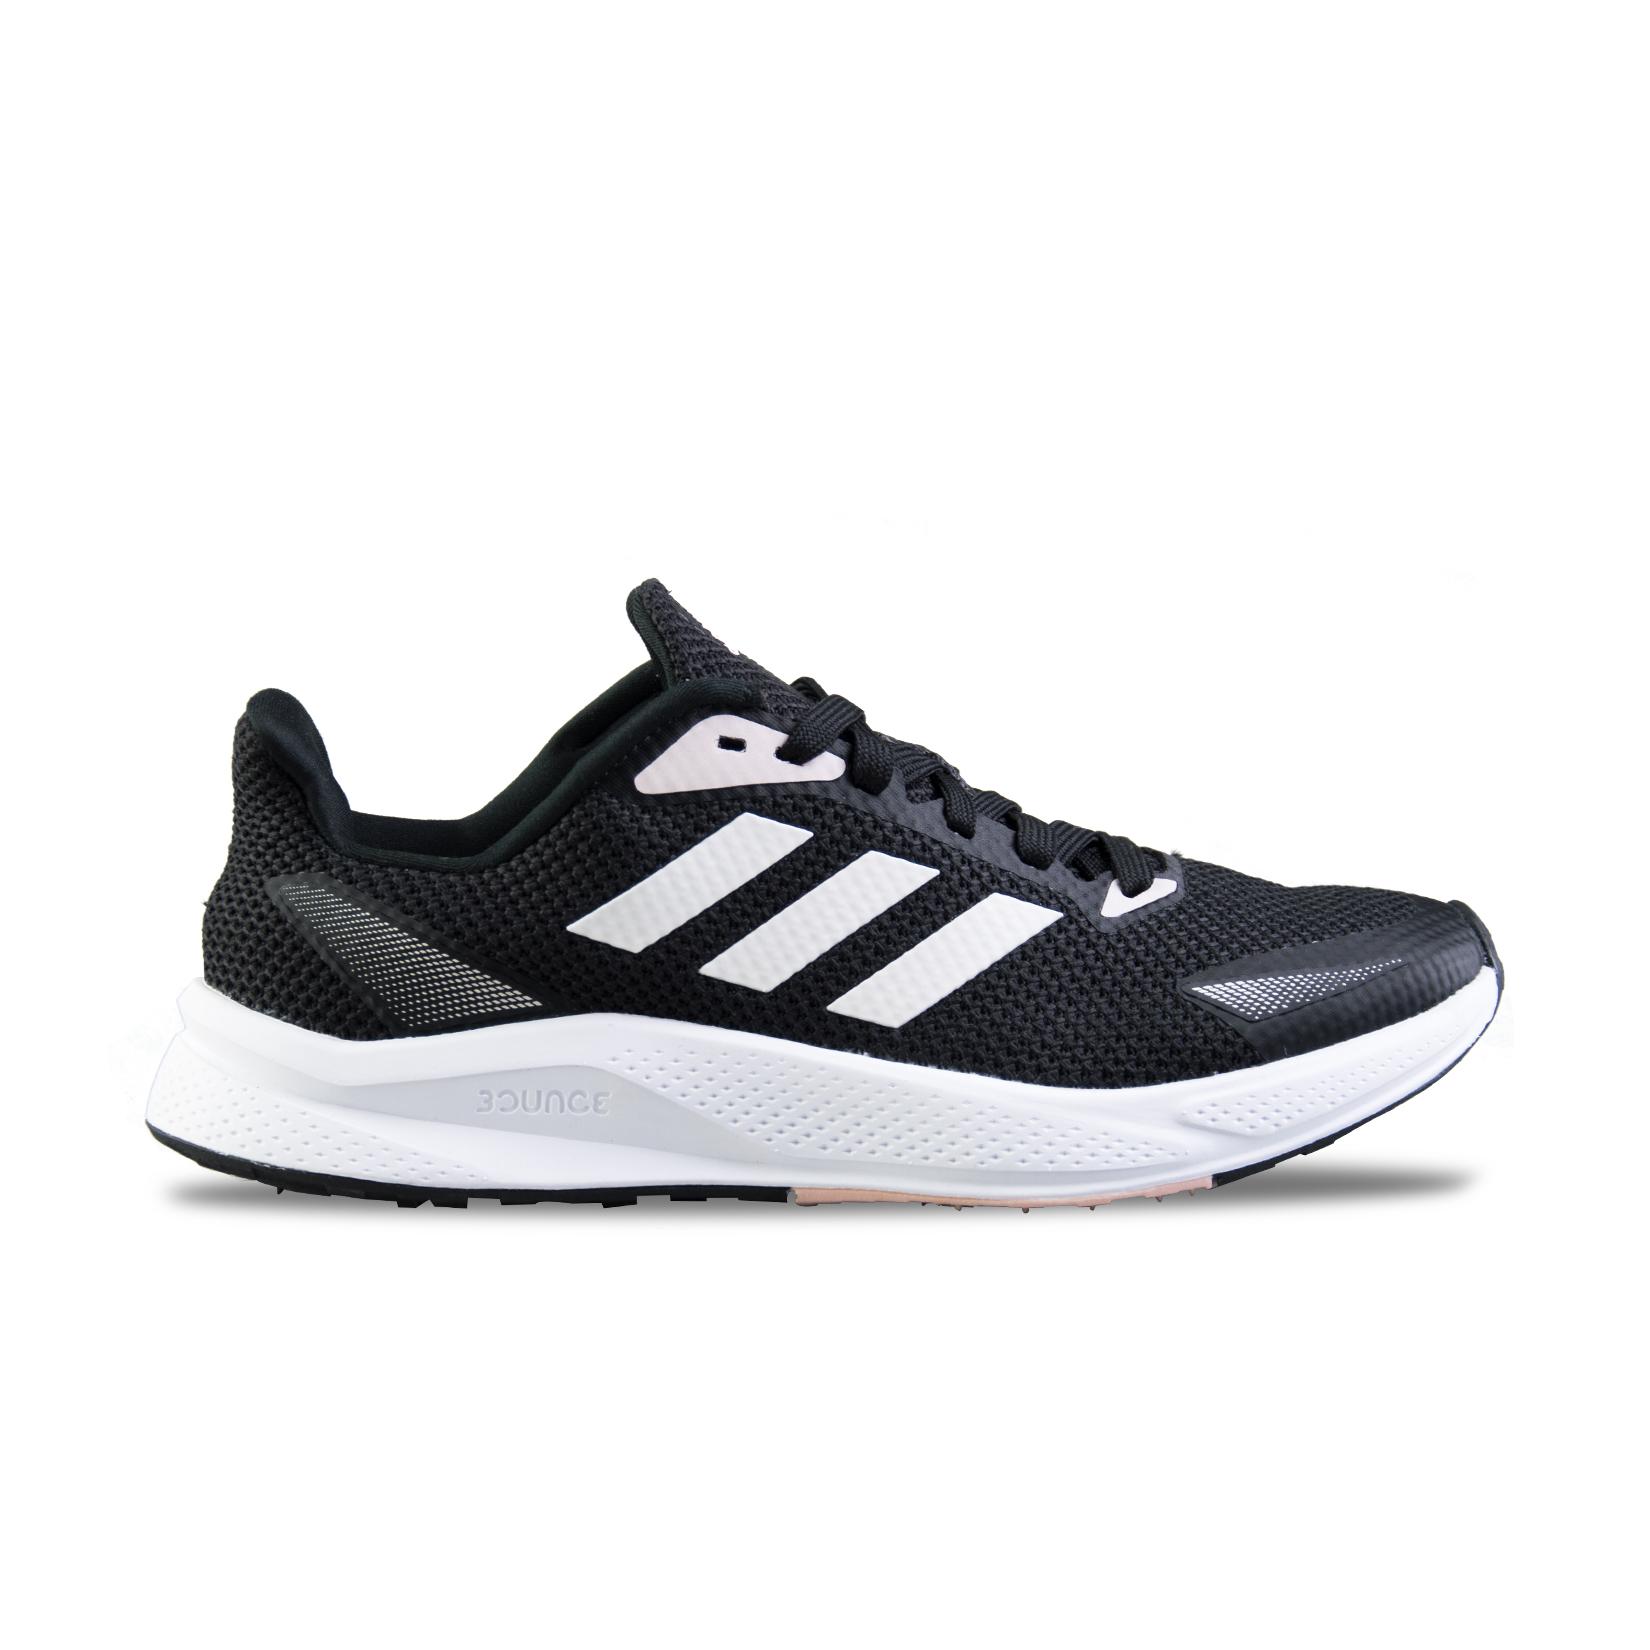 Adidas X9000L1 Black